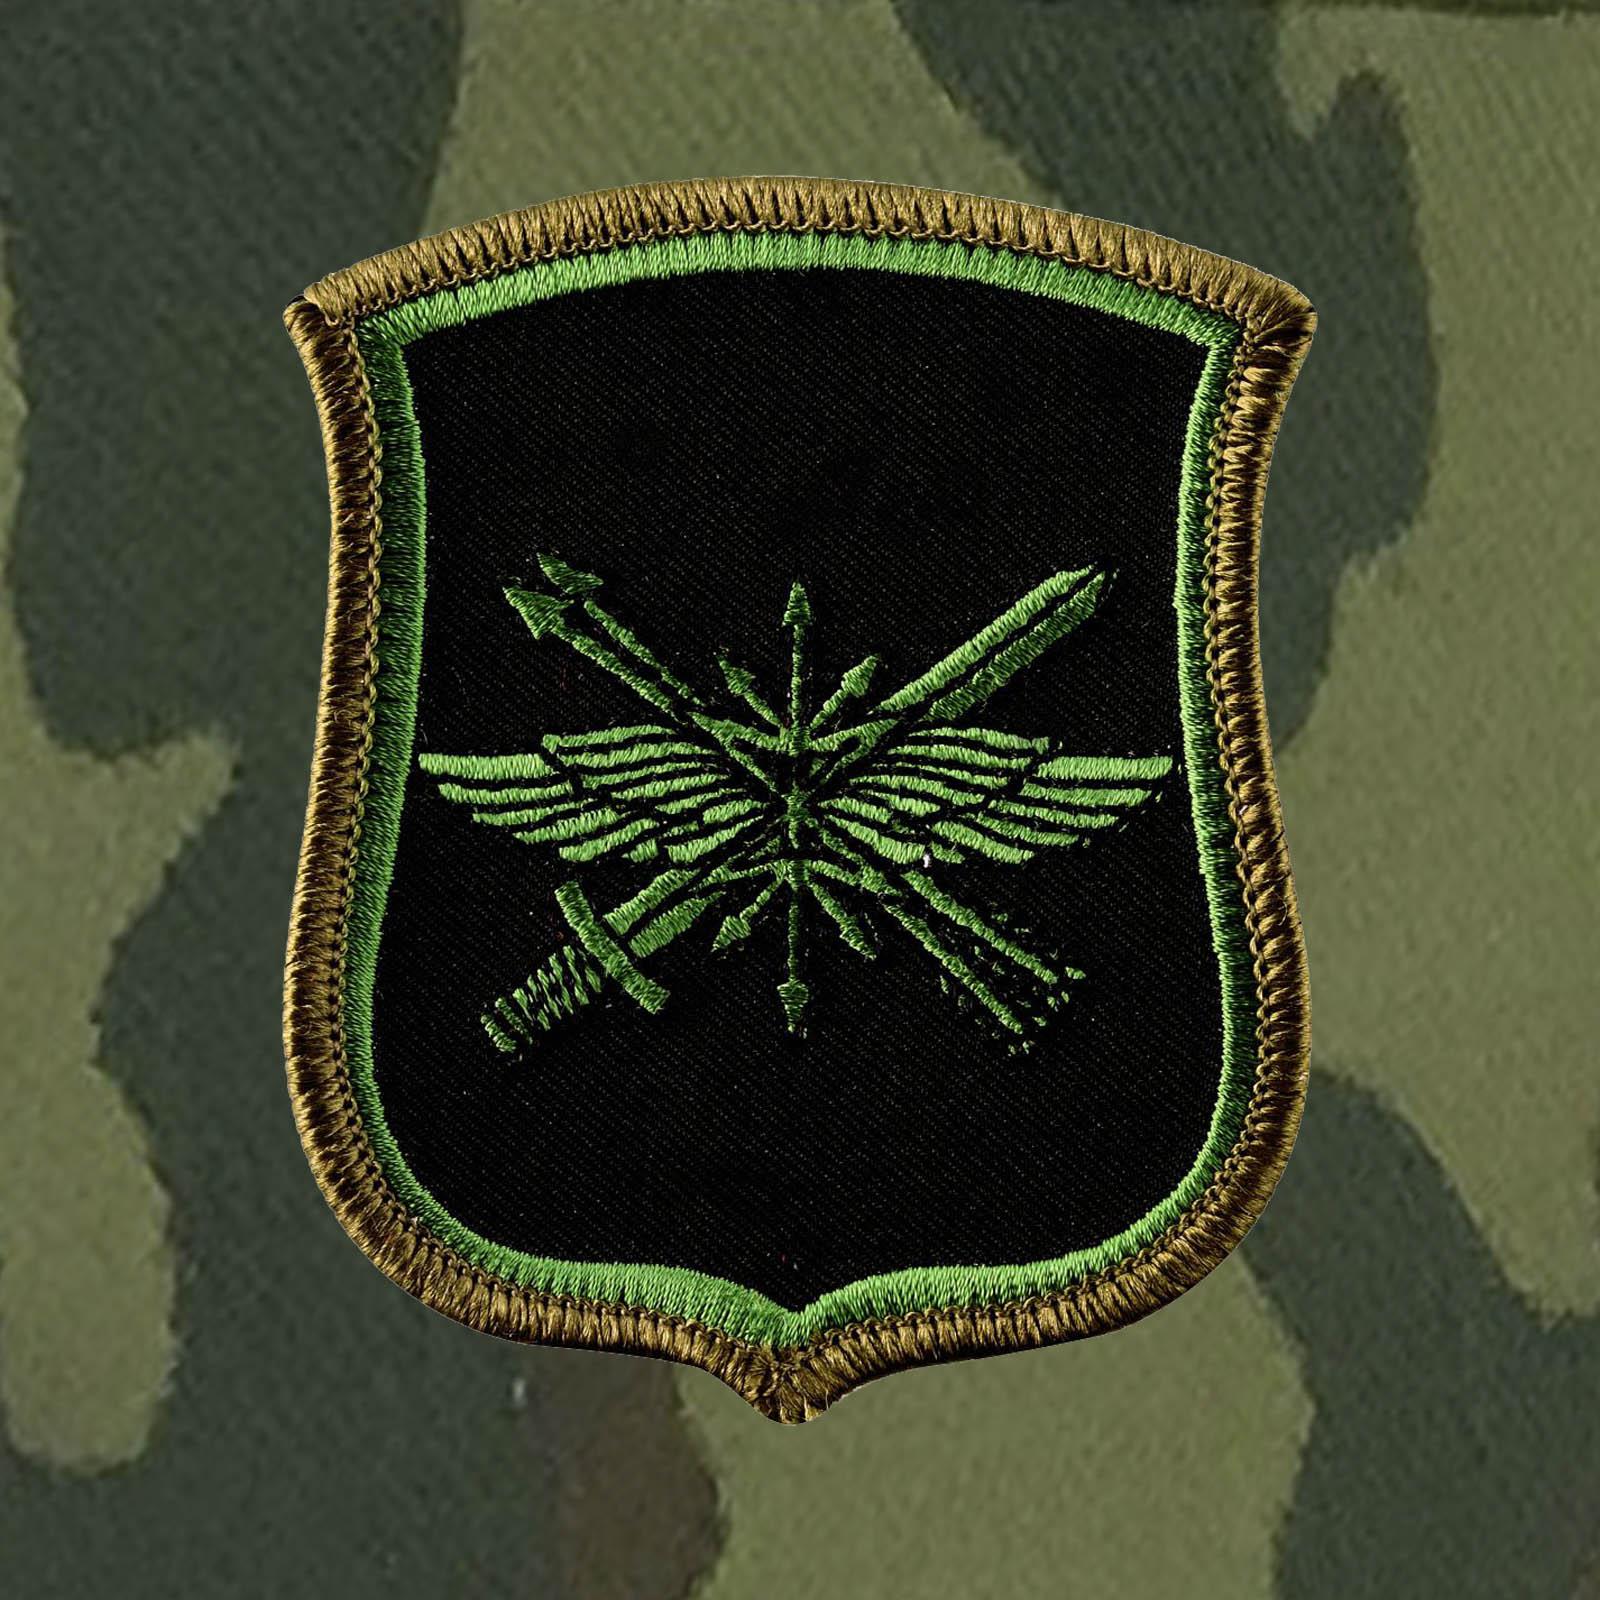 Кепка-камуфляж с шевроном «882-ой Центральный узел связи РВСН».